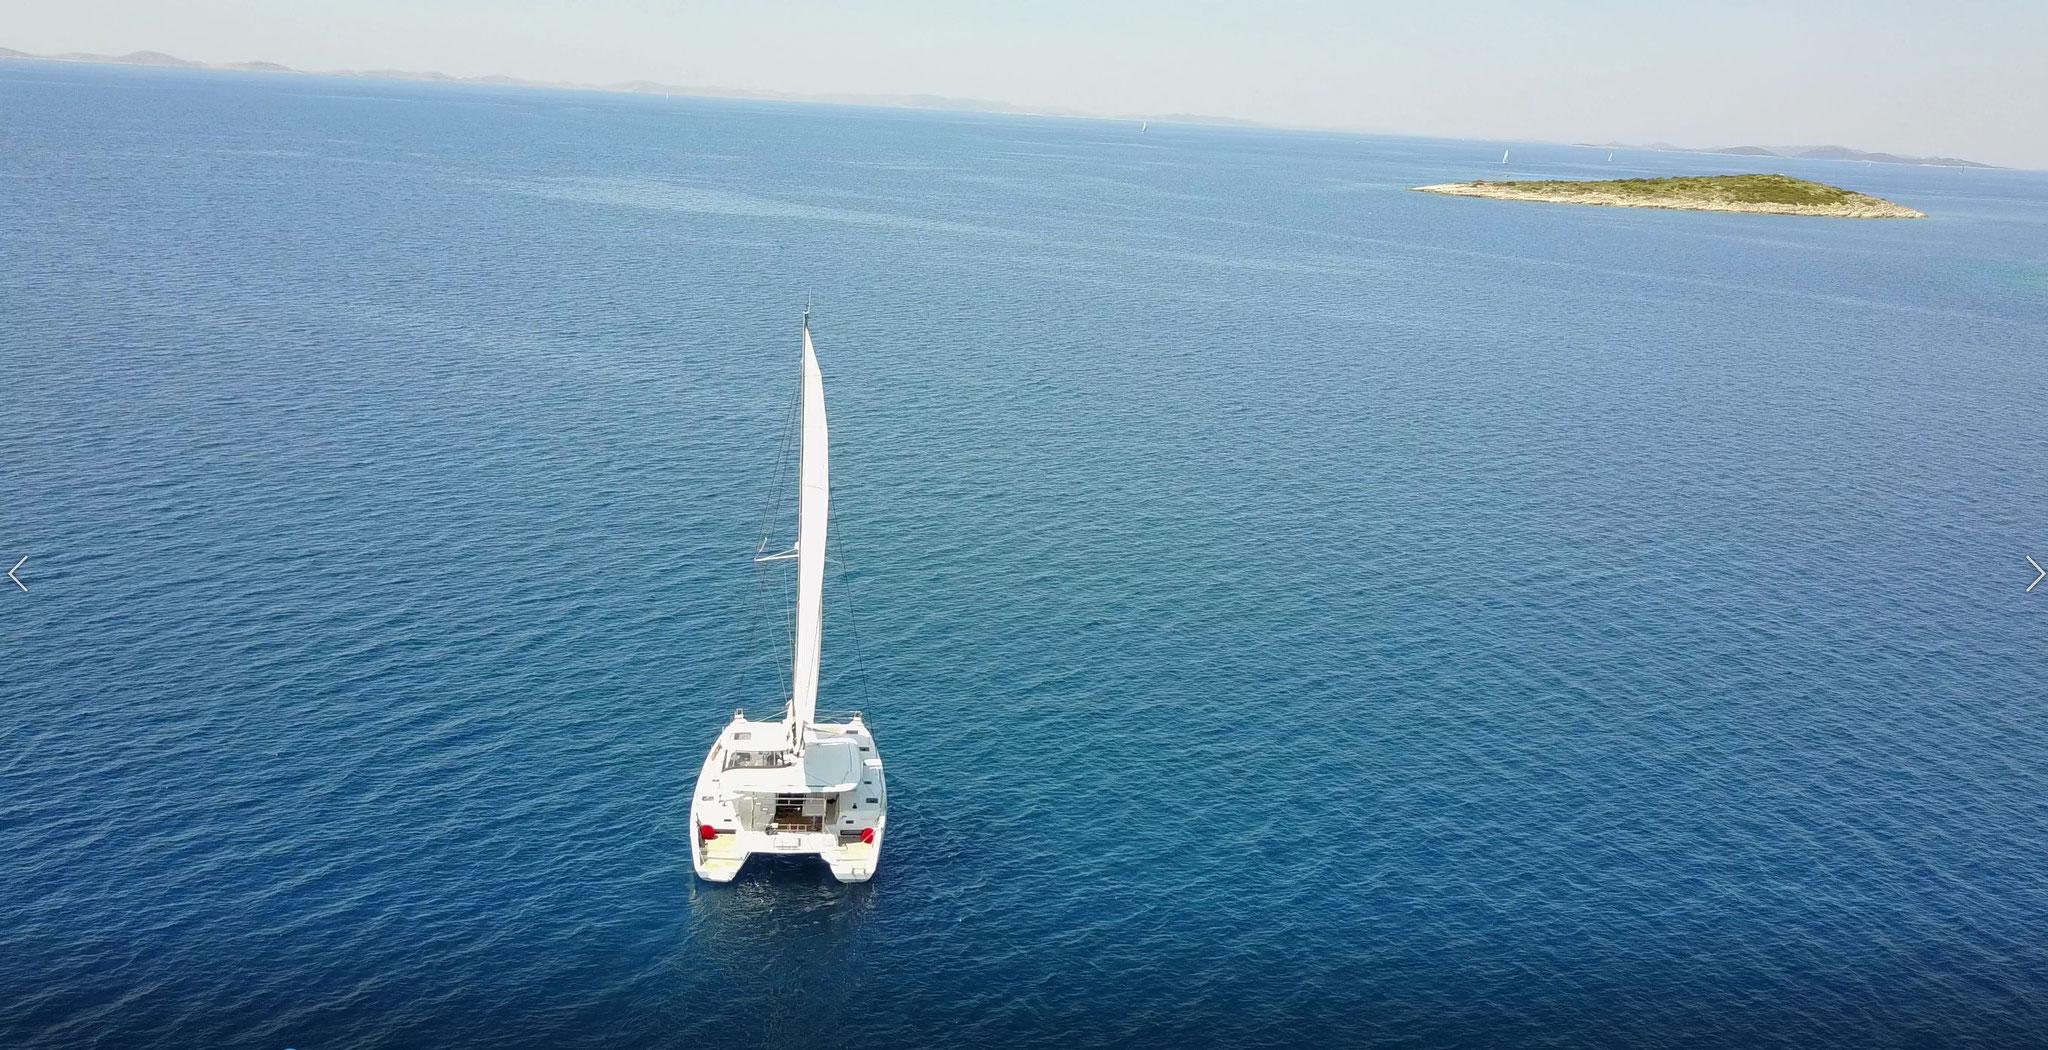 Katamaran segeln mit Vor- und Hauptsegel - www.katamaramtraum.com